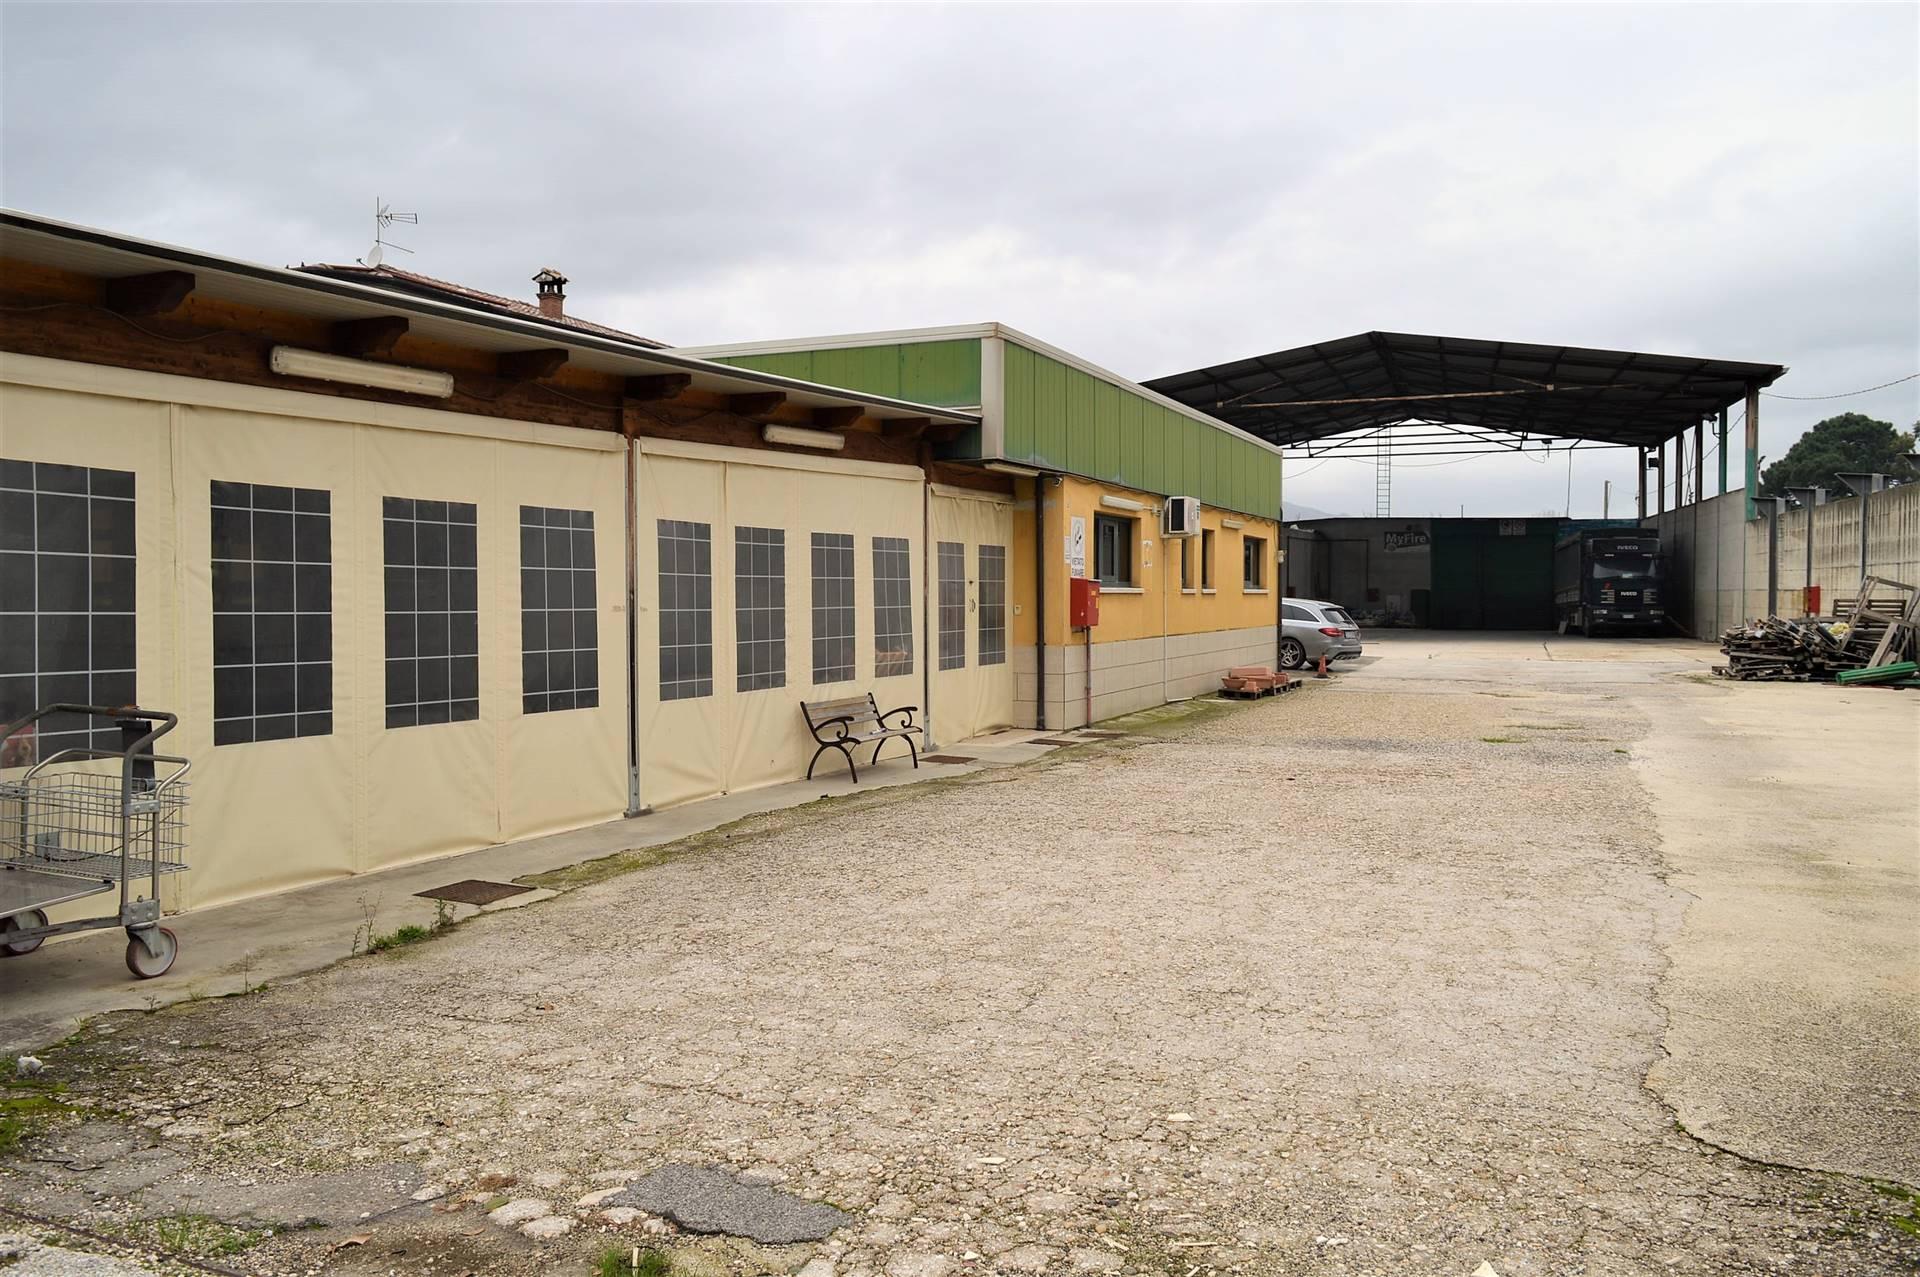 Capannone in vendita a Vairano Patenora, 3 locali, prezzo € 300.000   CambioCasa.it